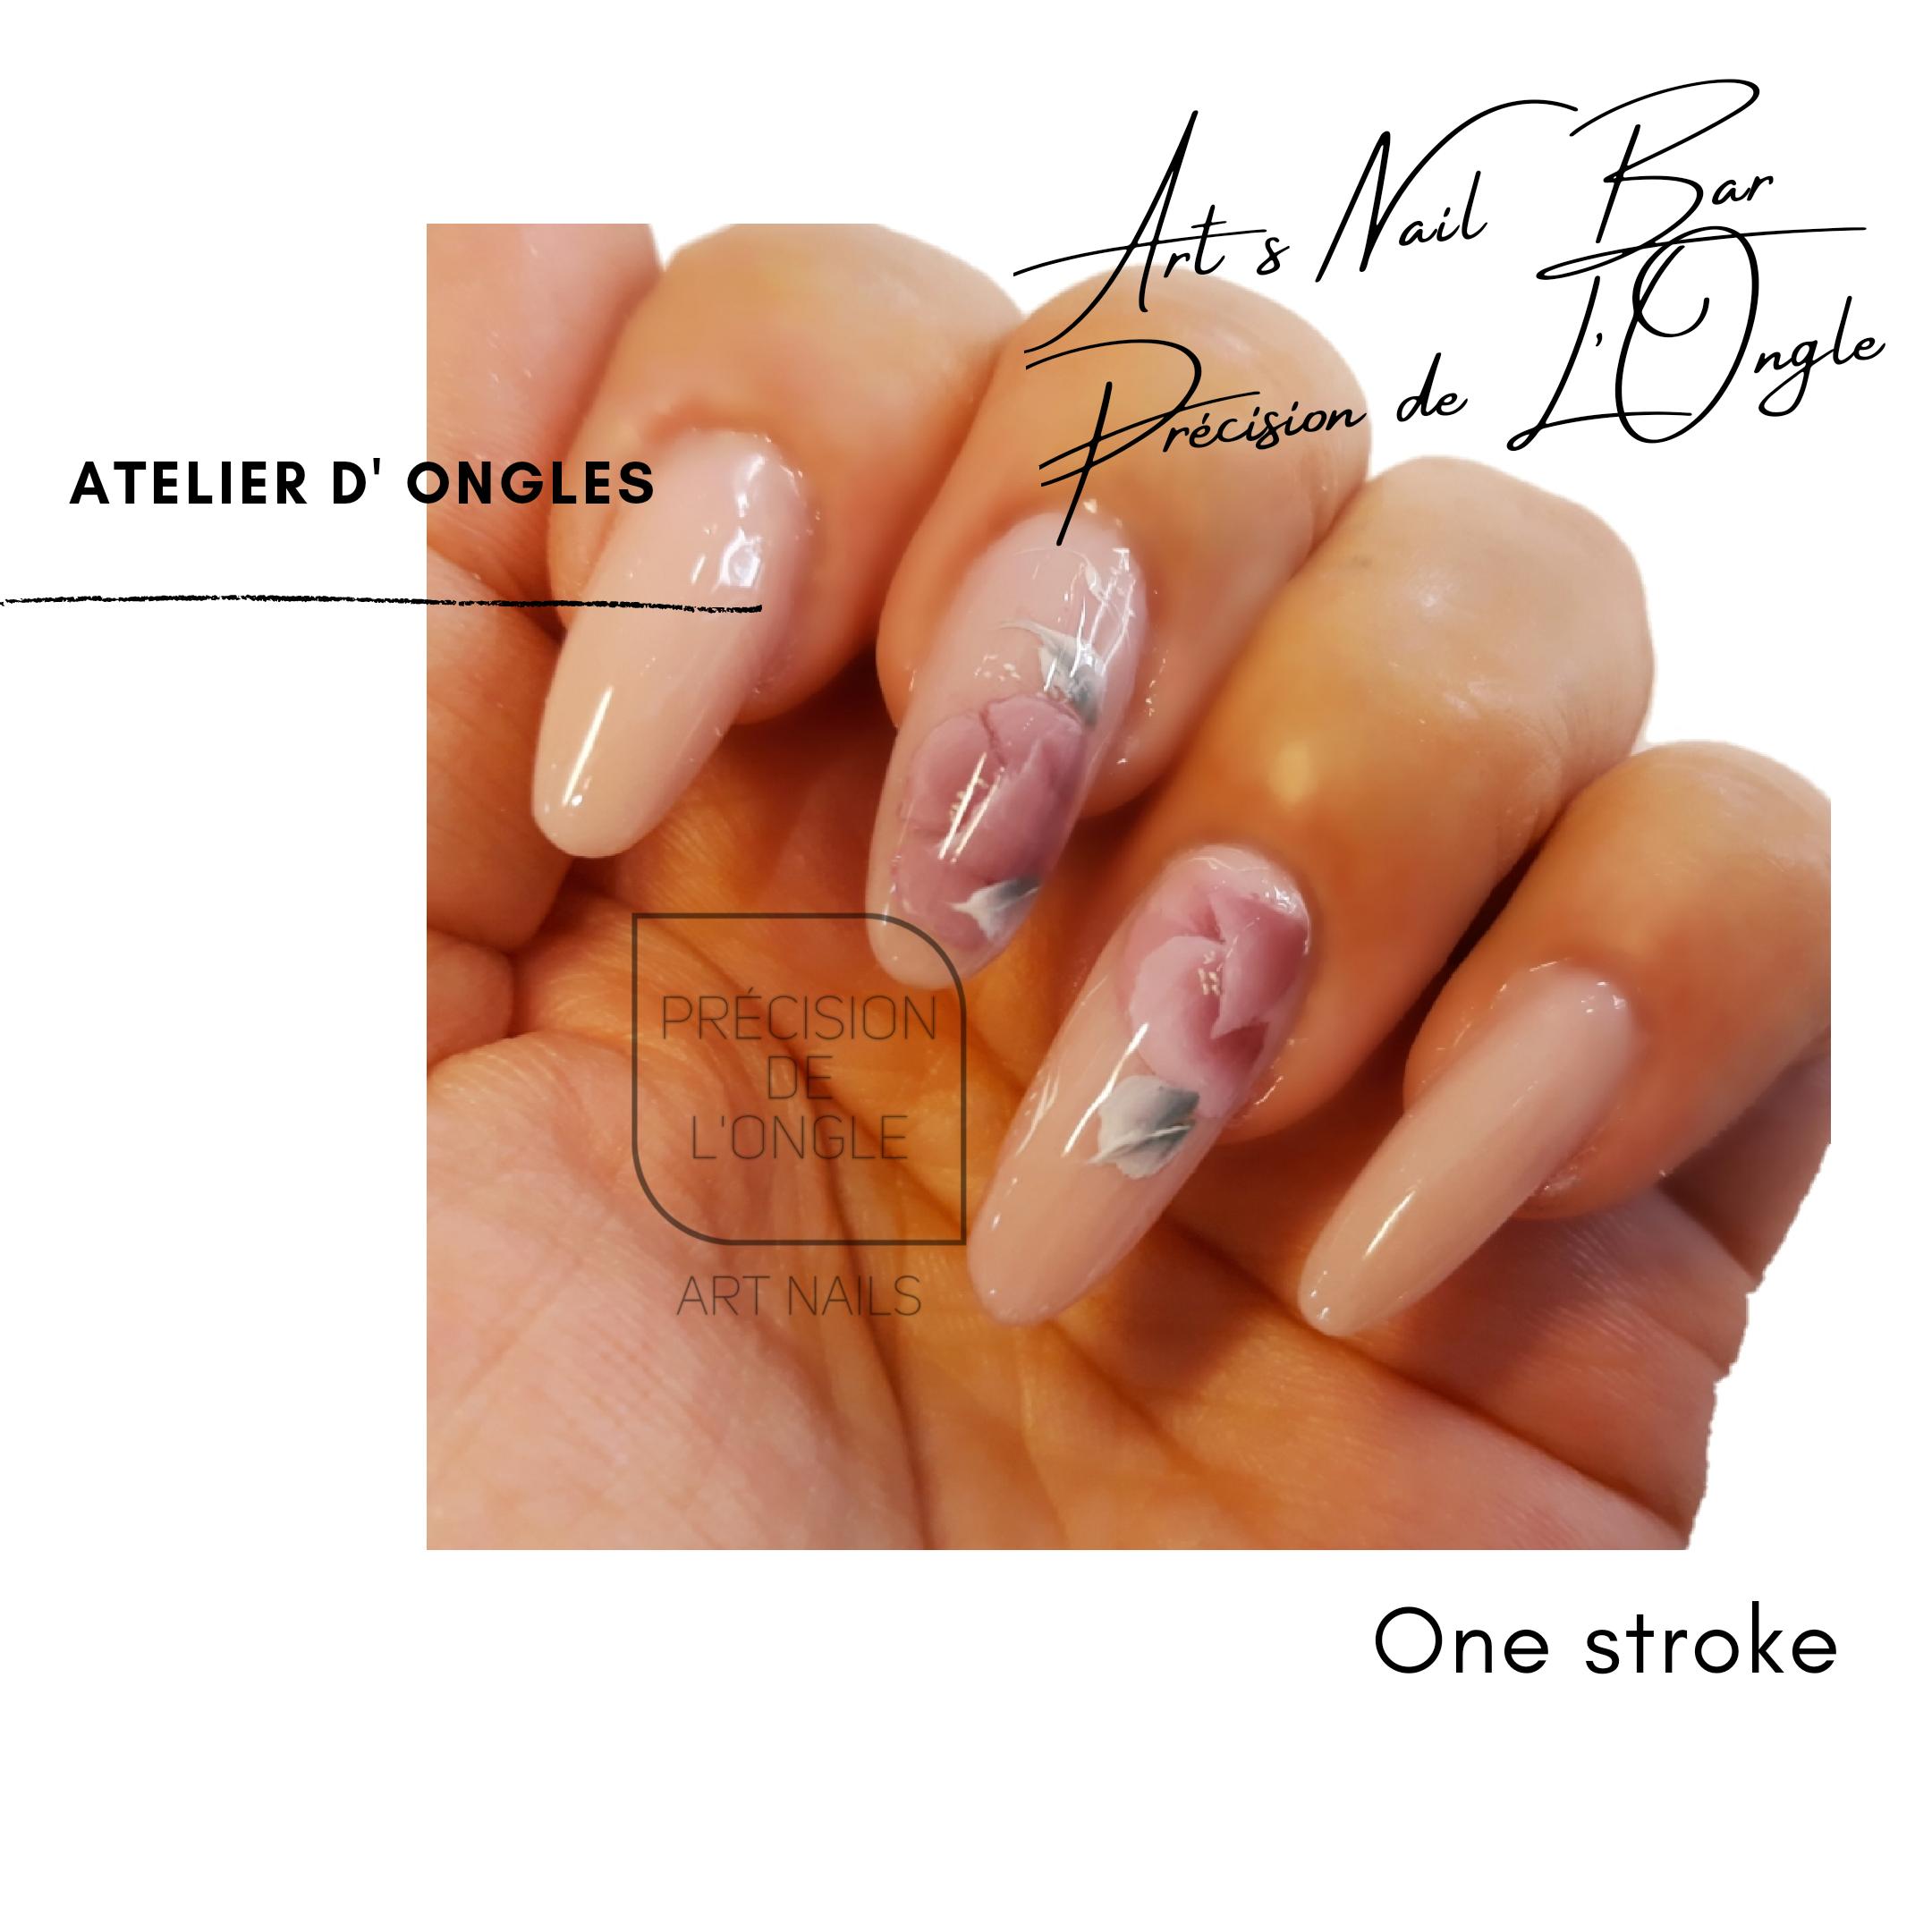 Arts Nail Bar Précision de L'Ongle